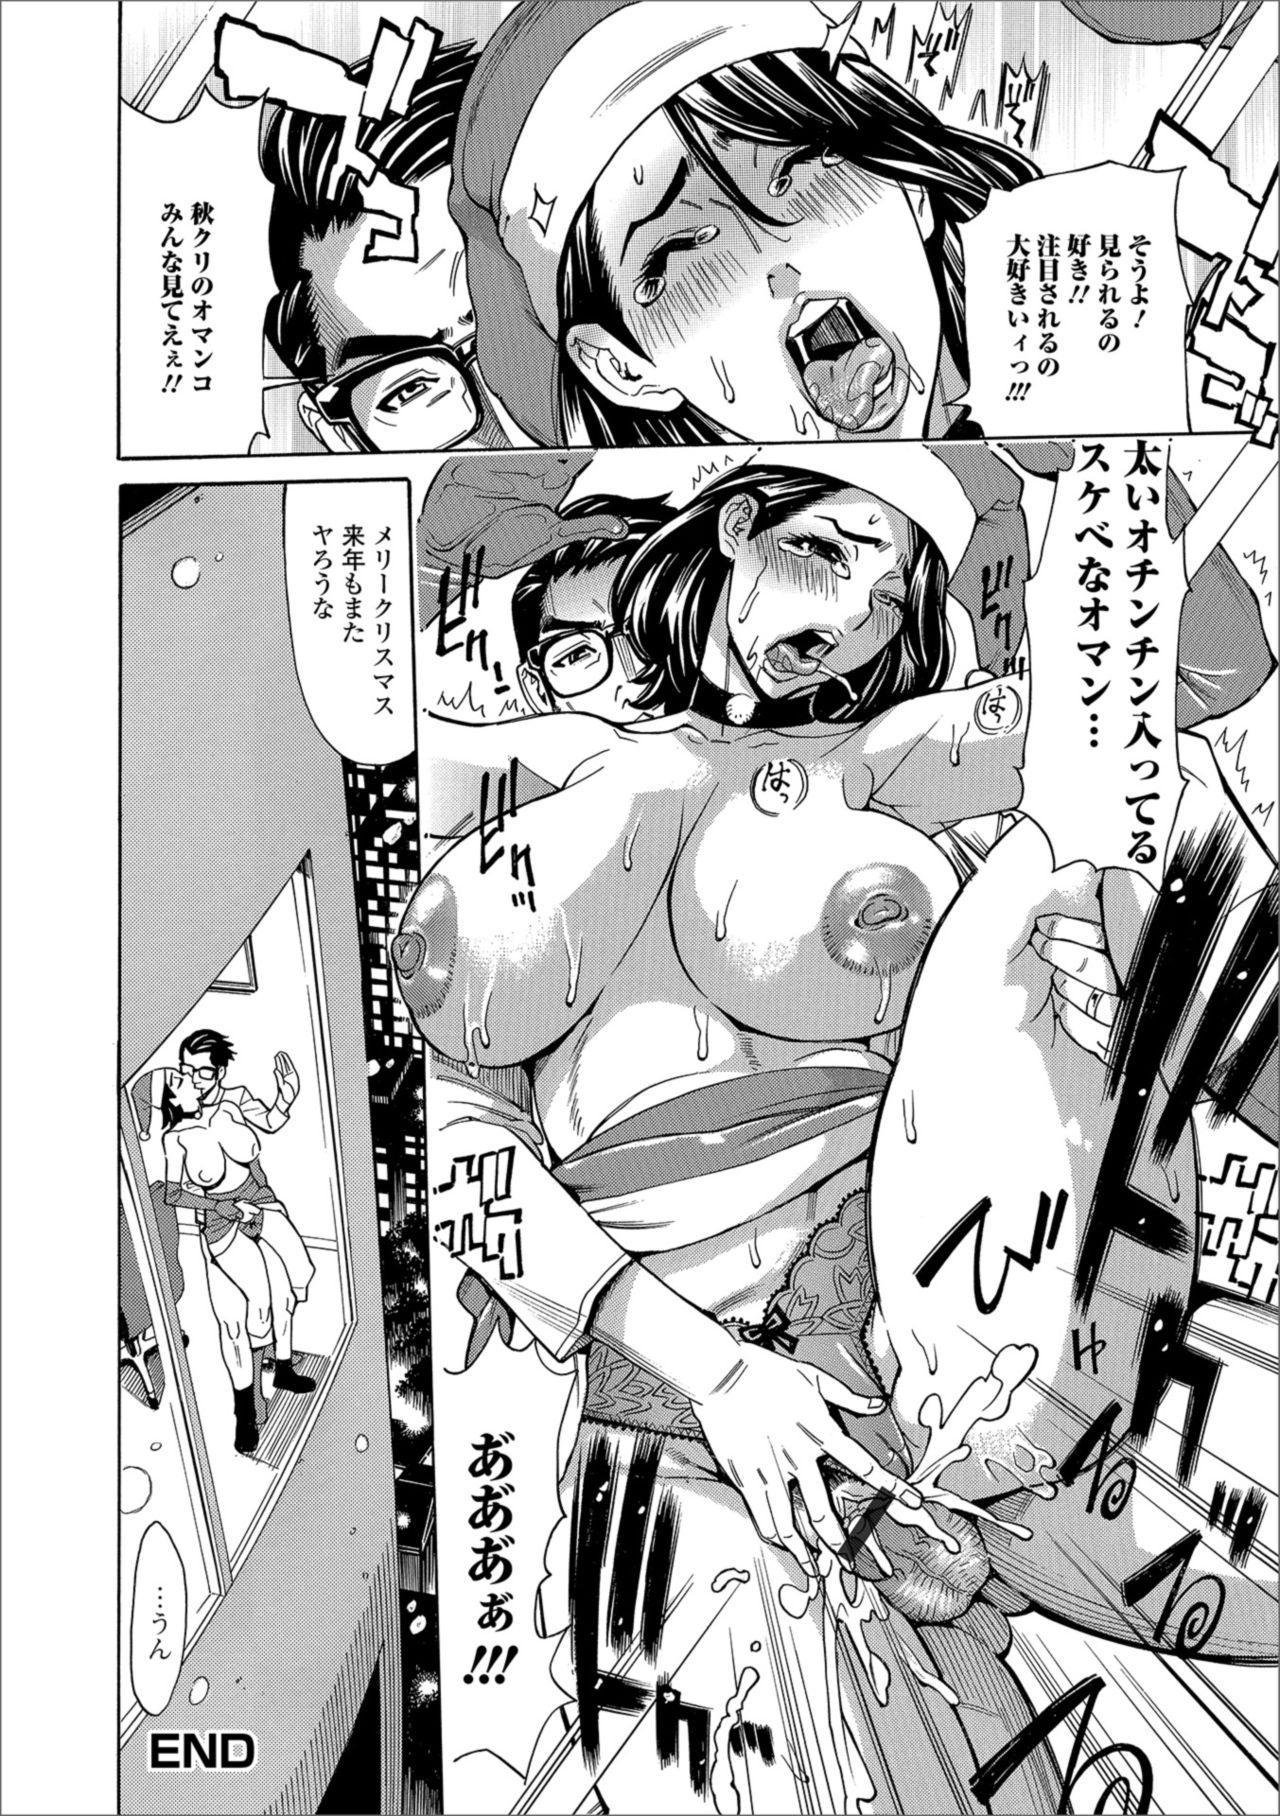 Web Haishin Gekkan Tonari no Kininaru Oku-san Vol. 019 27